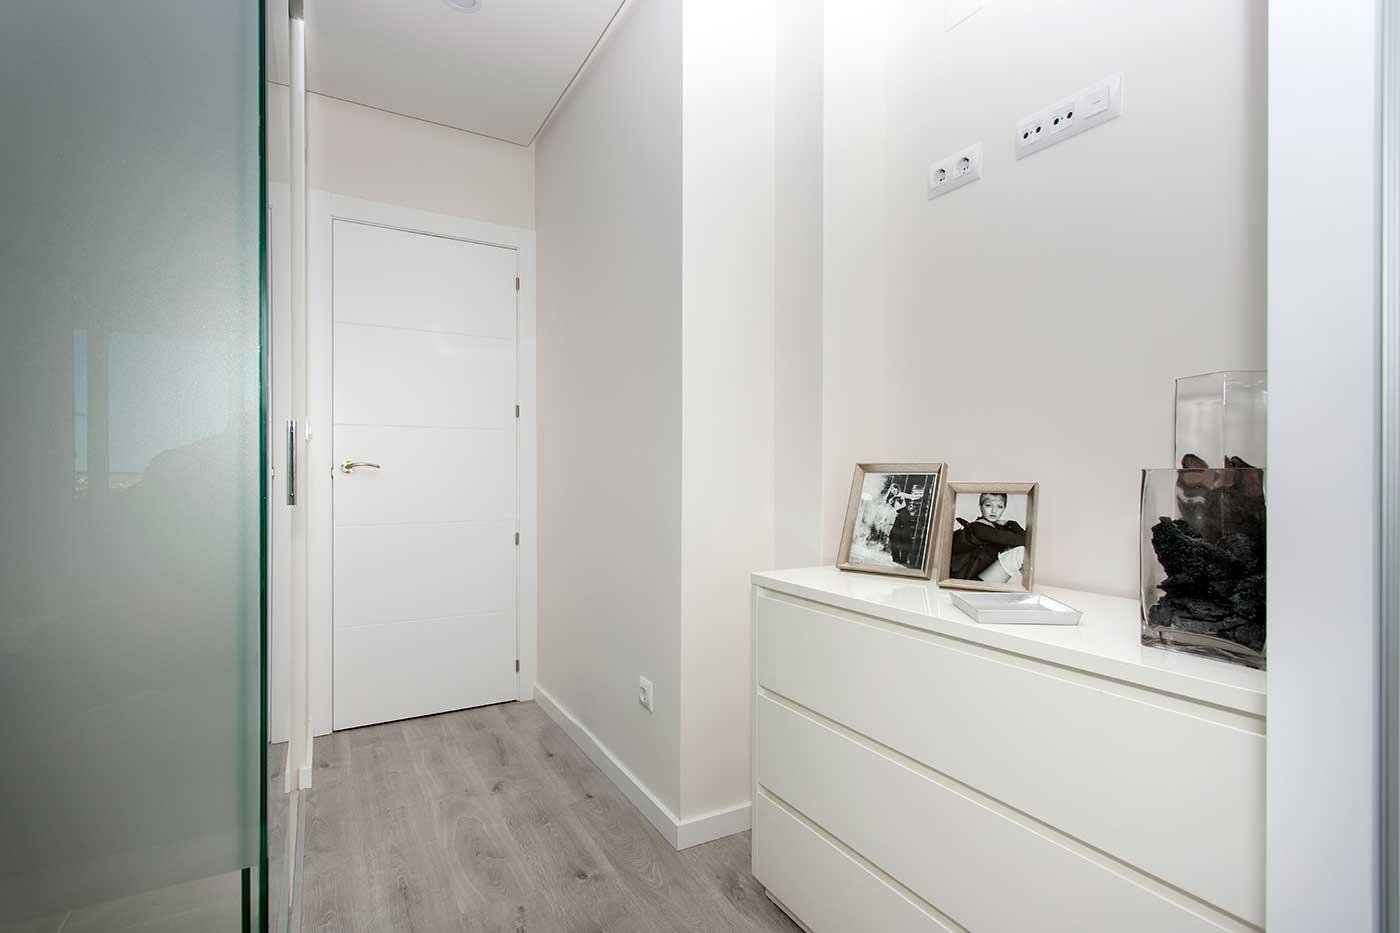 Complejo de estilo moderno con apartamentos de 2,3 dormitorios y 2 baños con amplias terra - imagenInmueble2